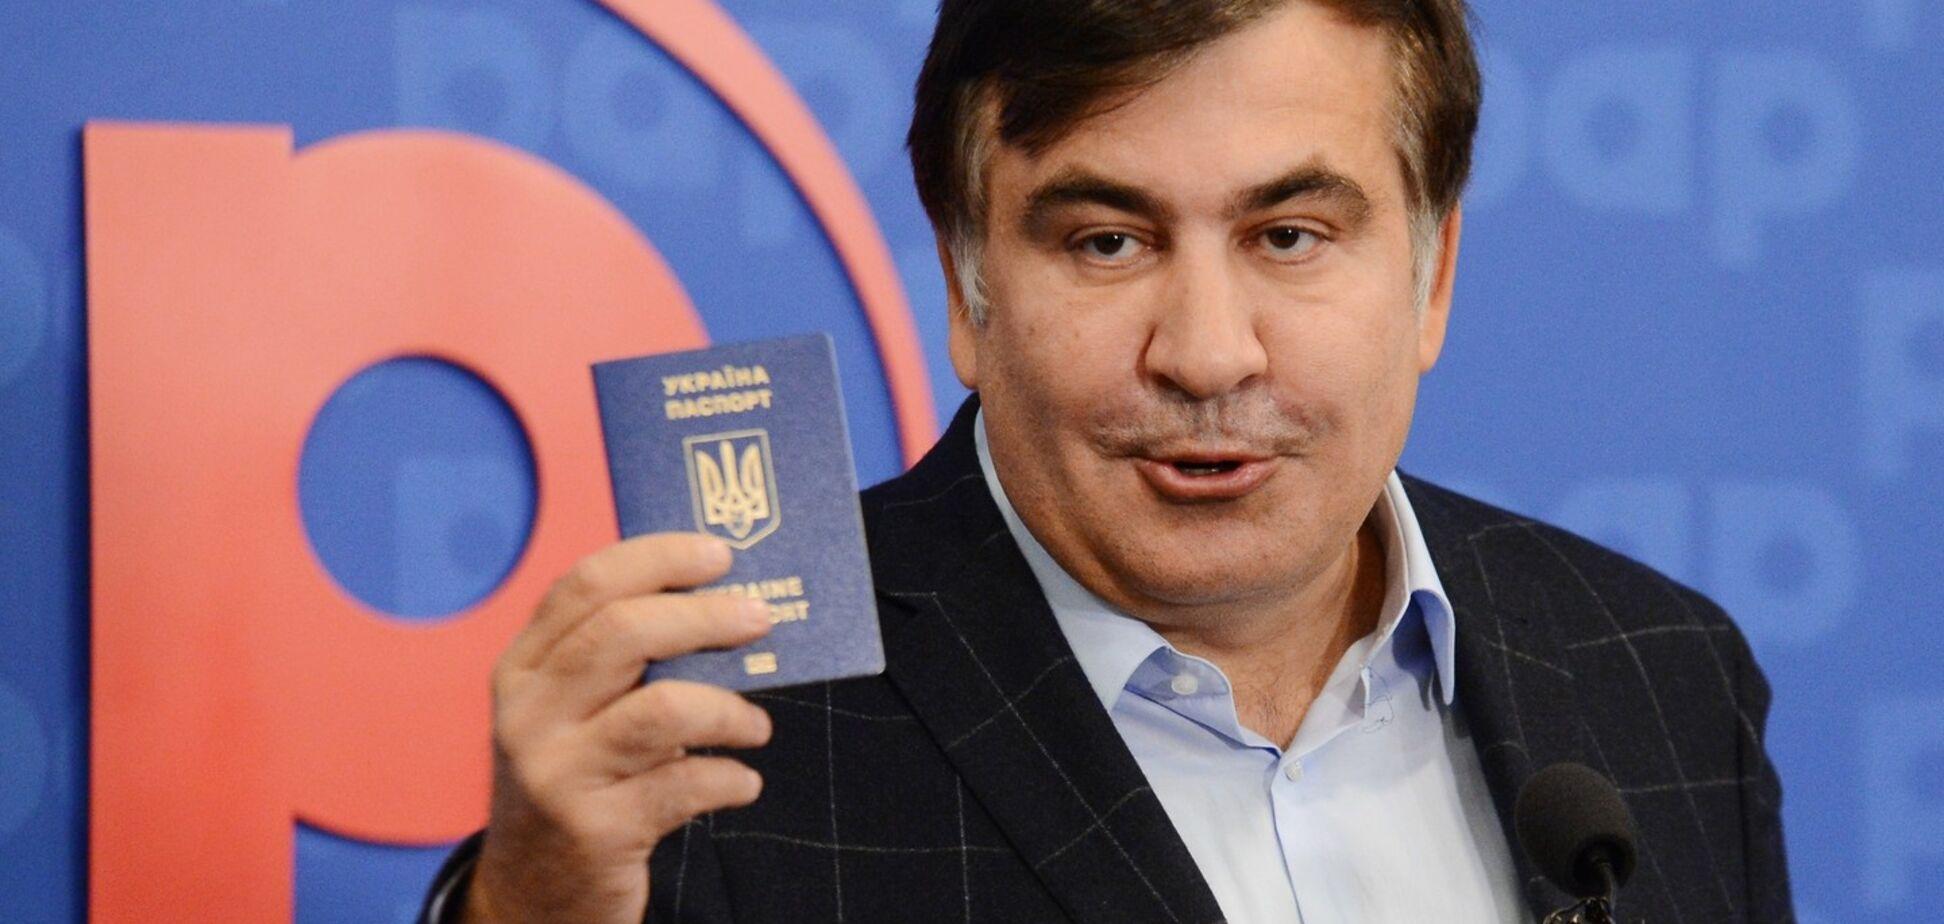 Пленки Курченко и Саакашвили: стало известно о резонансном решении экс-главы Грузии